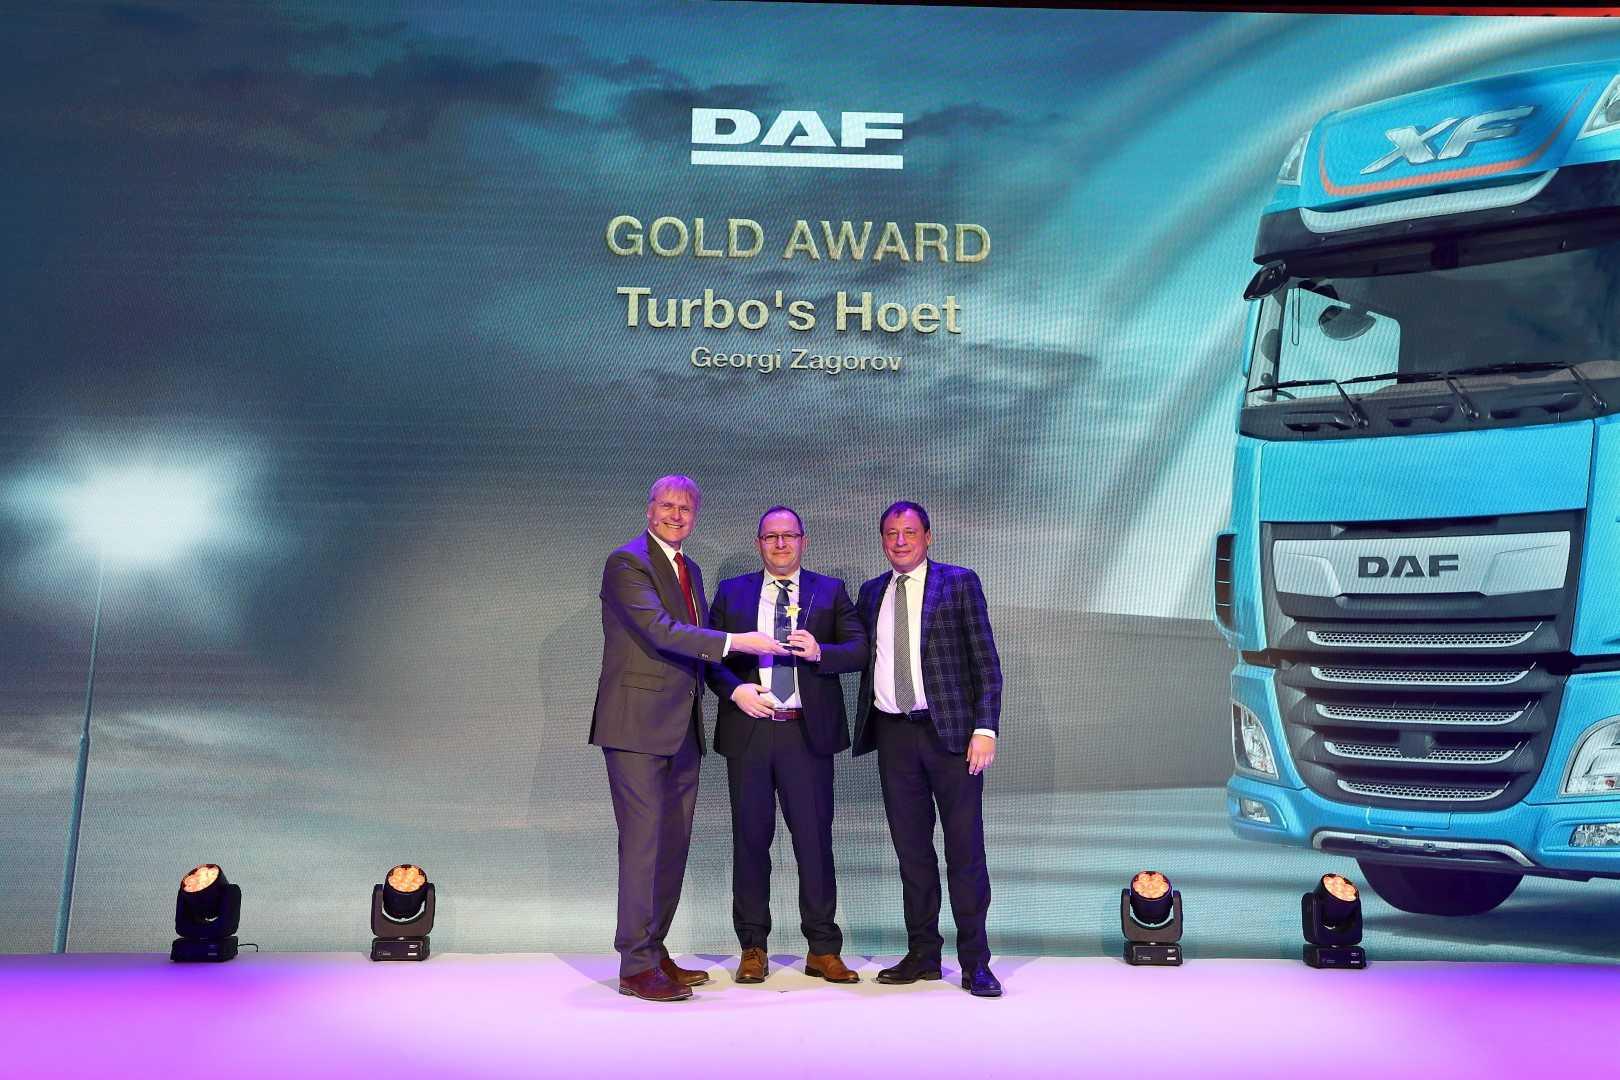 Турботракс България със Златна звезда на DAF